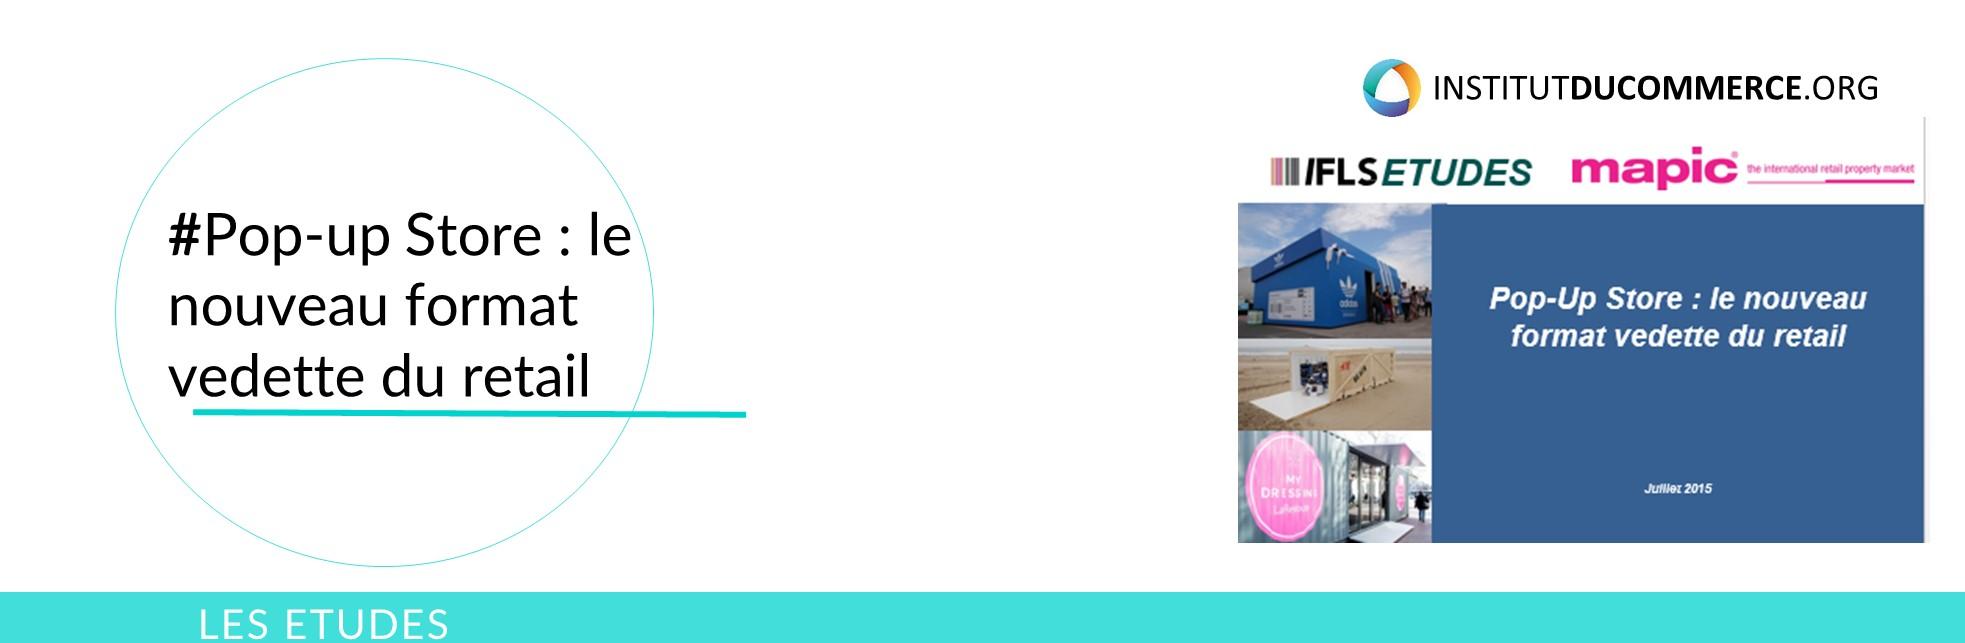 """Etude IFLS-MAPIC : """" les Pop-Up Store : le nouveau format vedette du retail"""" - 2015 (Archives IFLS)"""